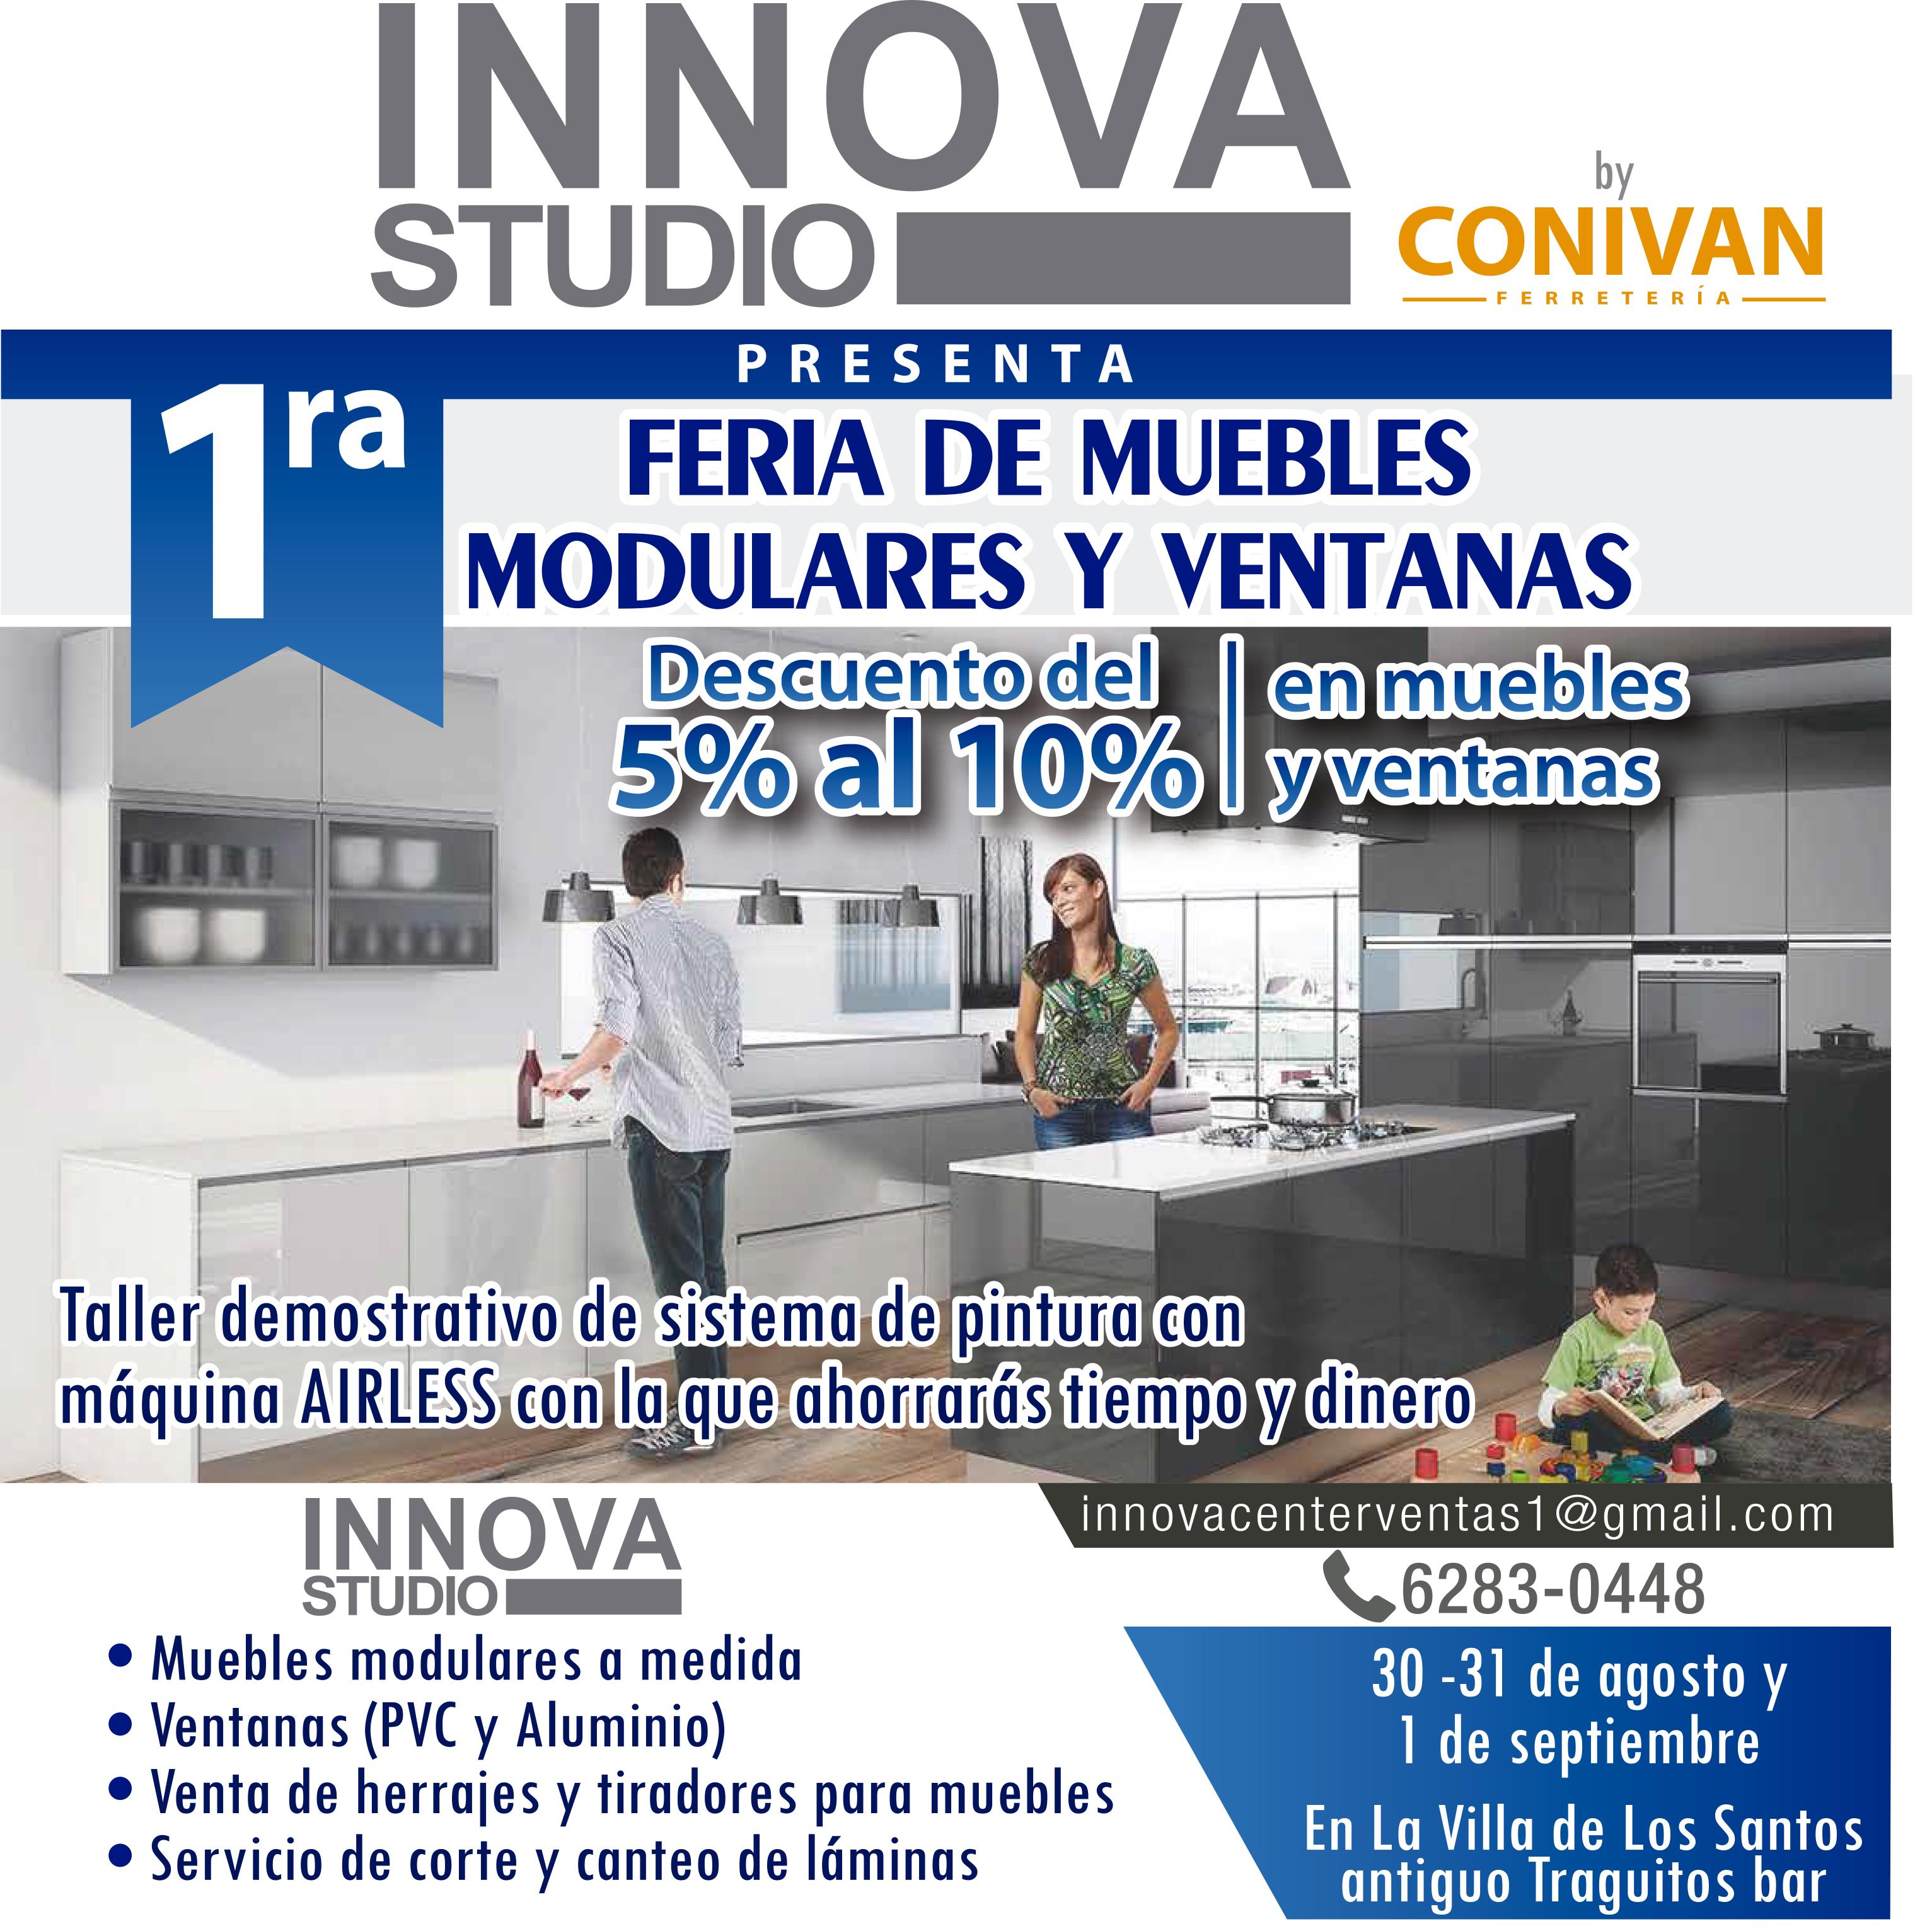 INNOVA STUDIO –  FERIA DE MUEBLES MODULARES Y VENTANAS